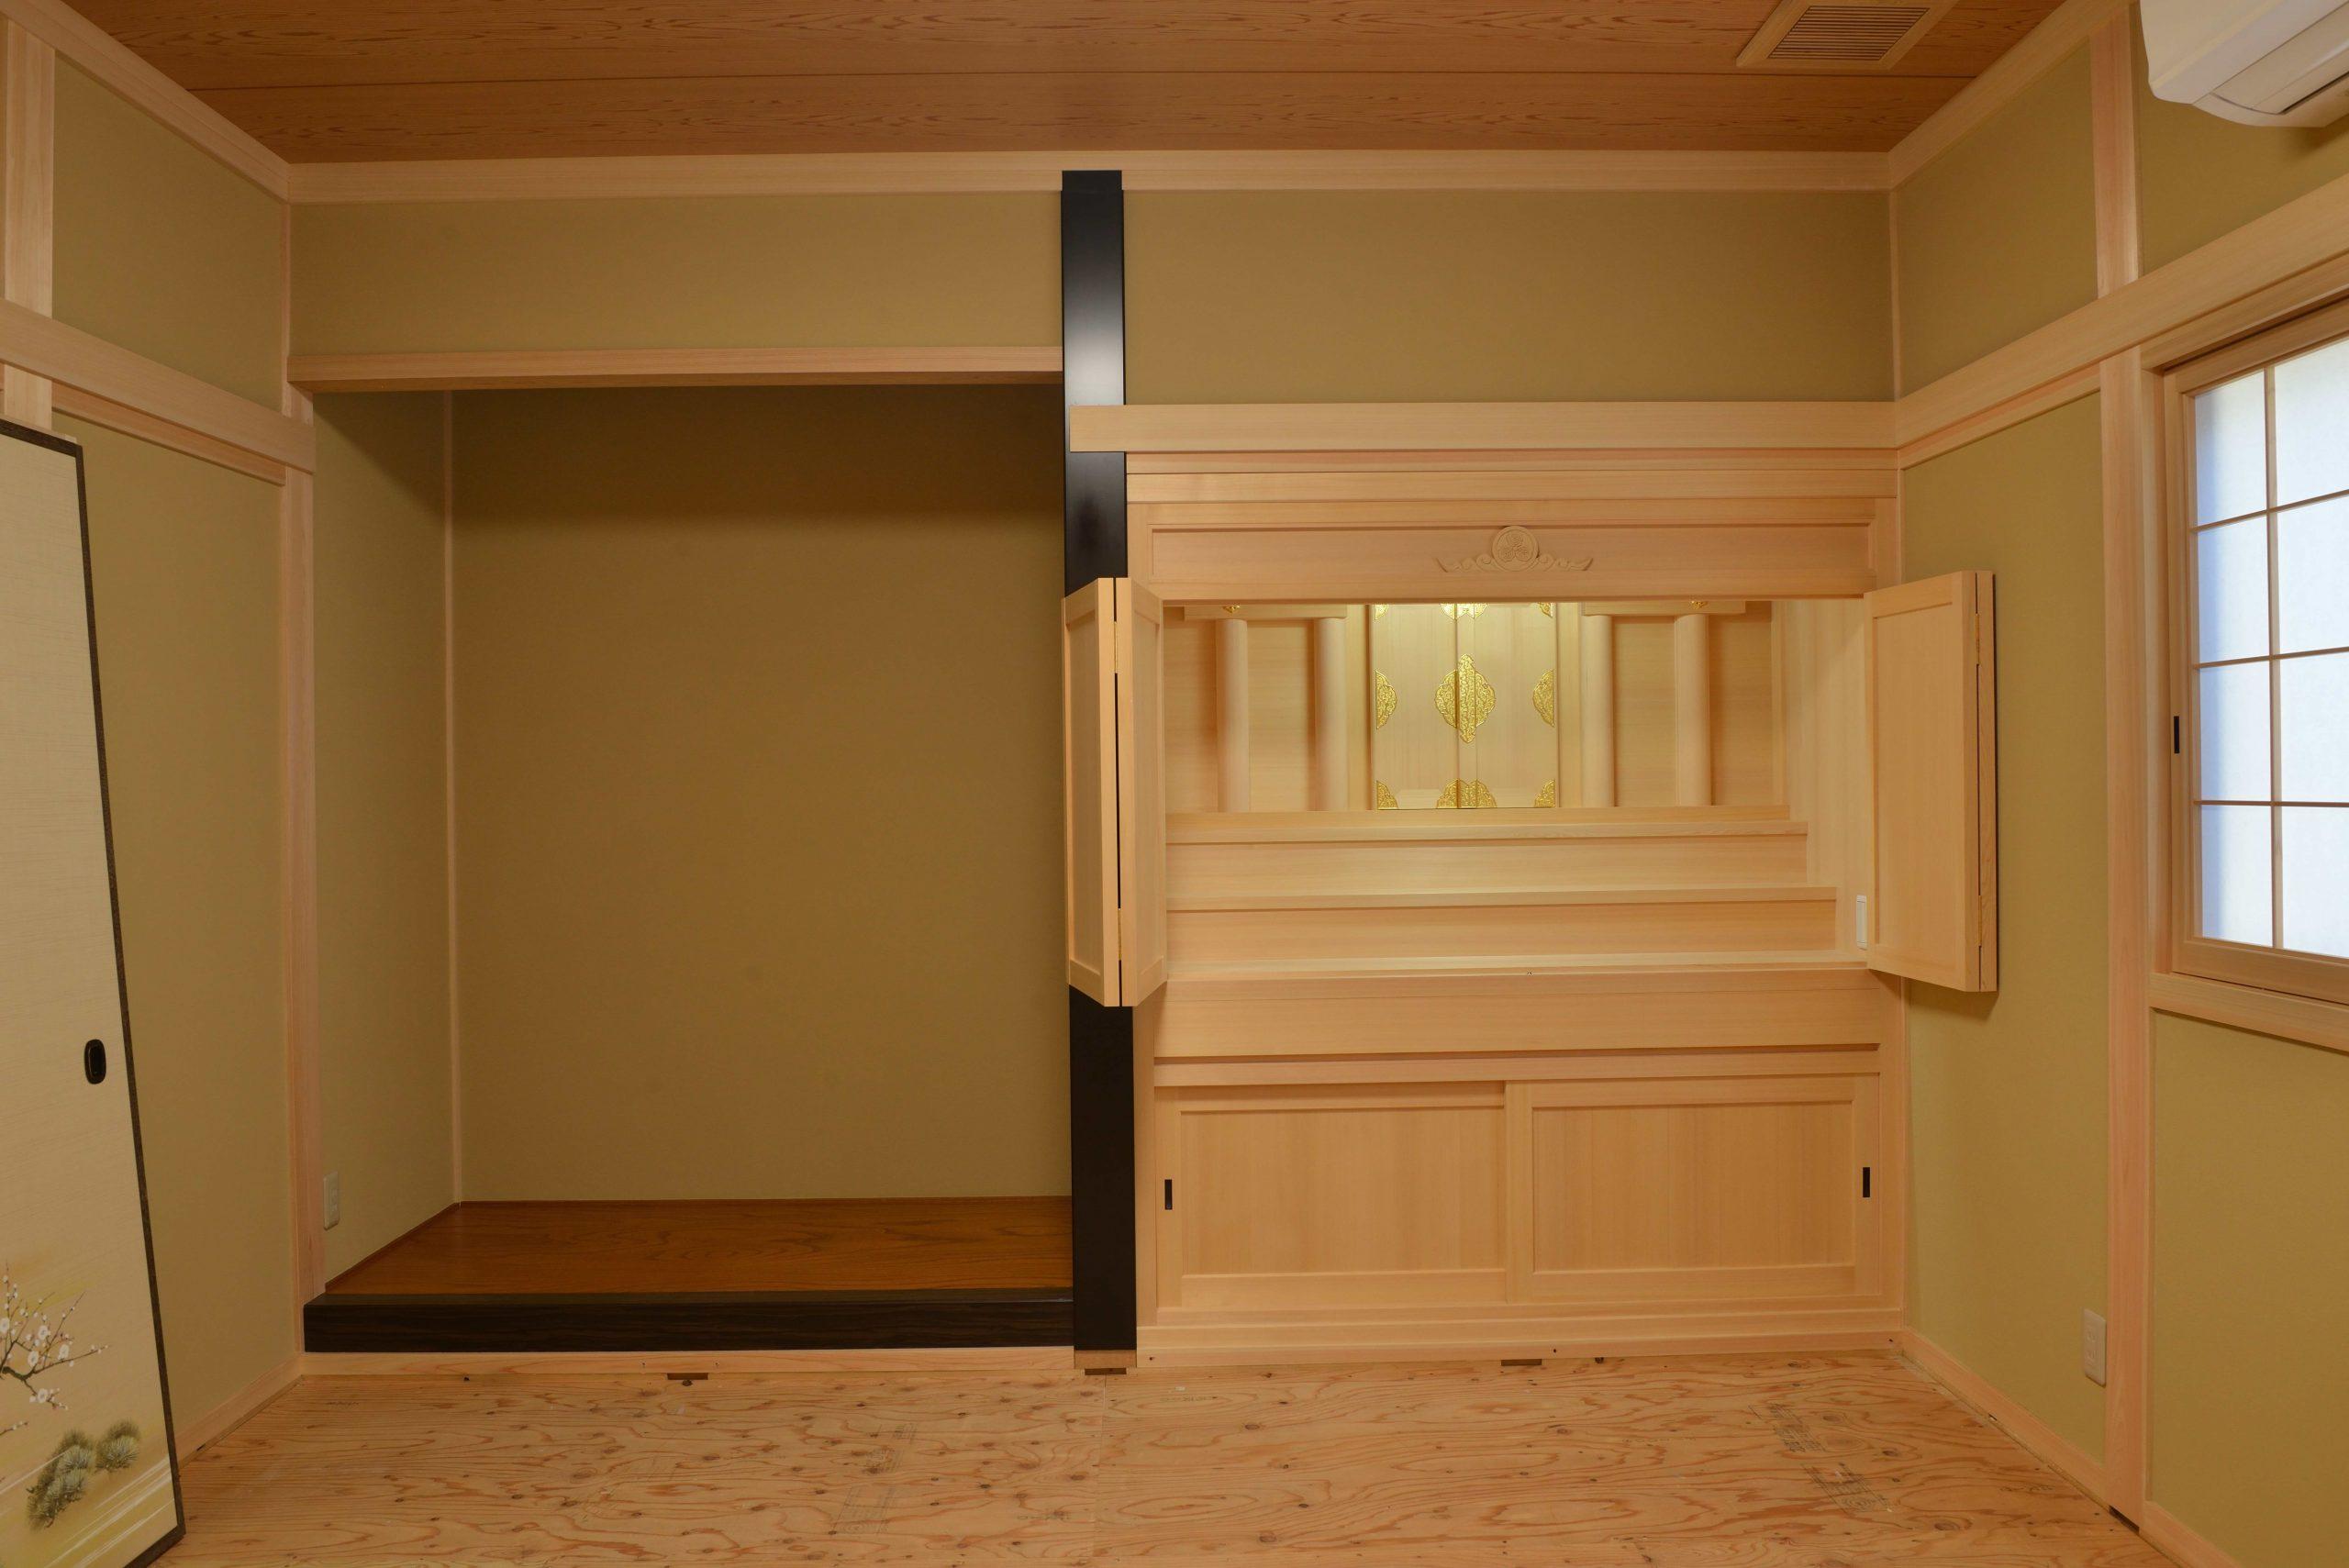 御霊舎の板建具開放